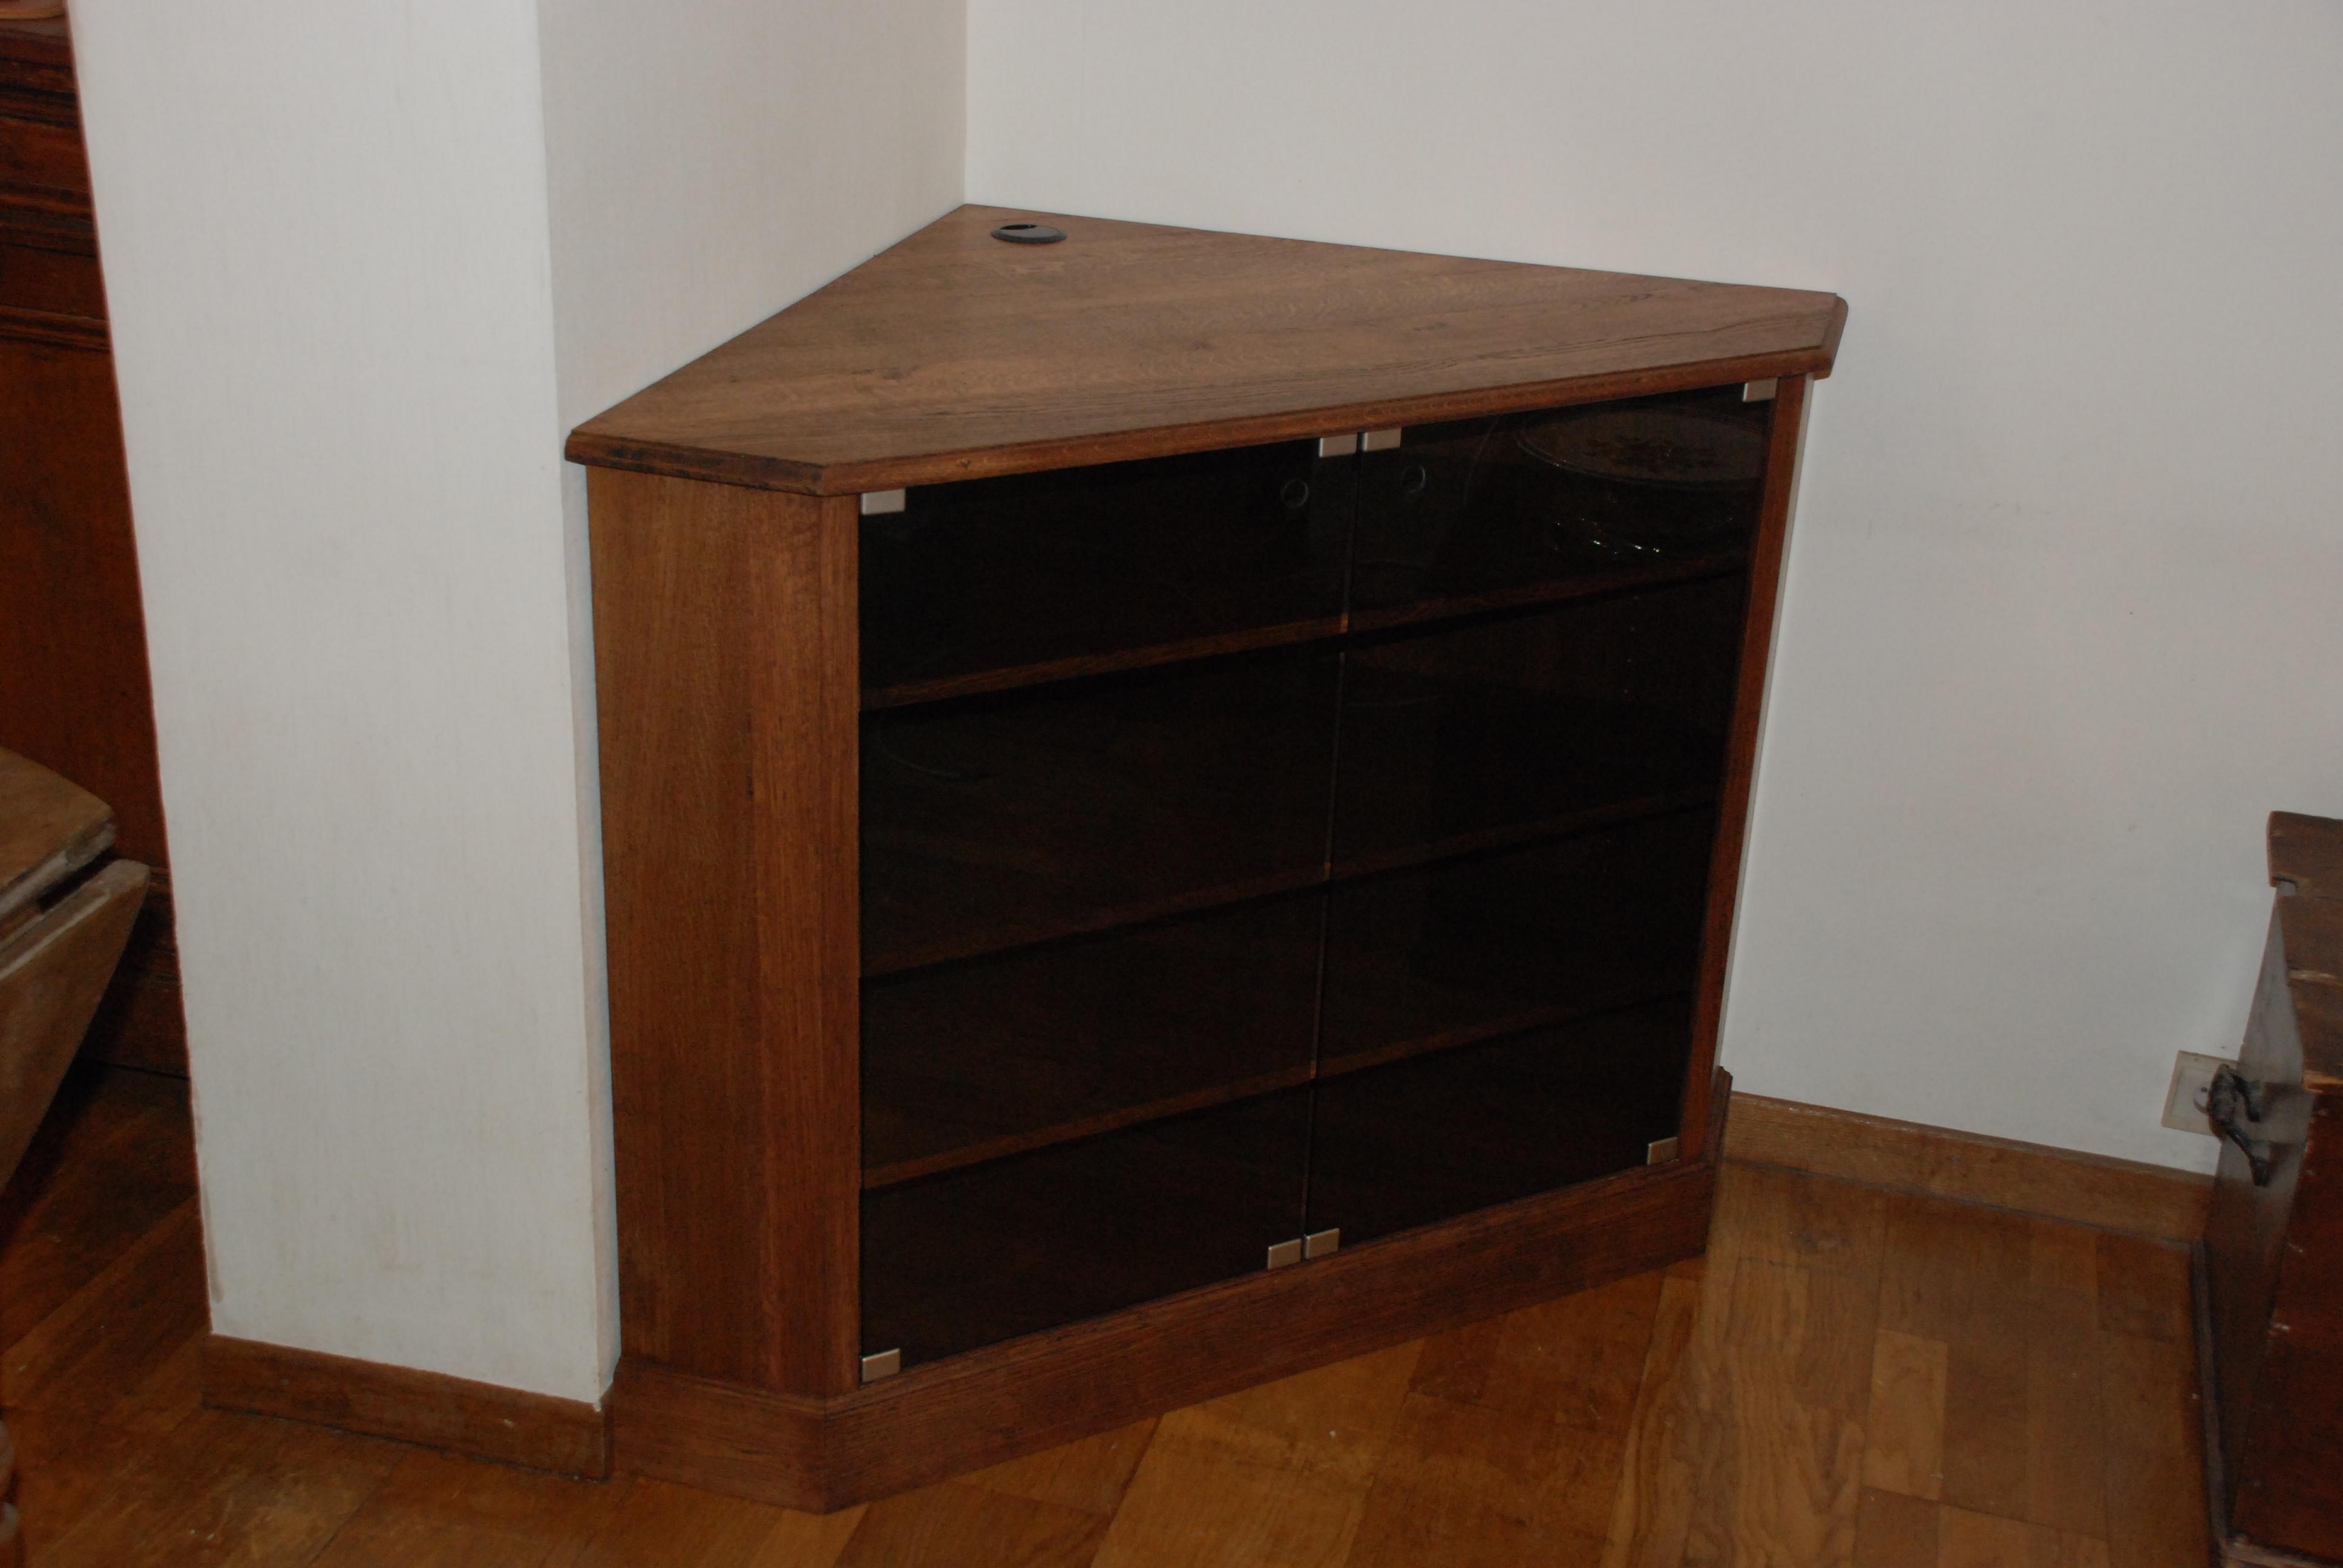 Yannick de lauw menuisier eb niste meubles salon for Meuble tv yannick